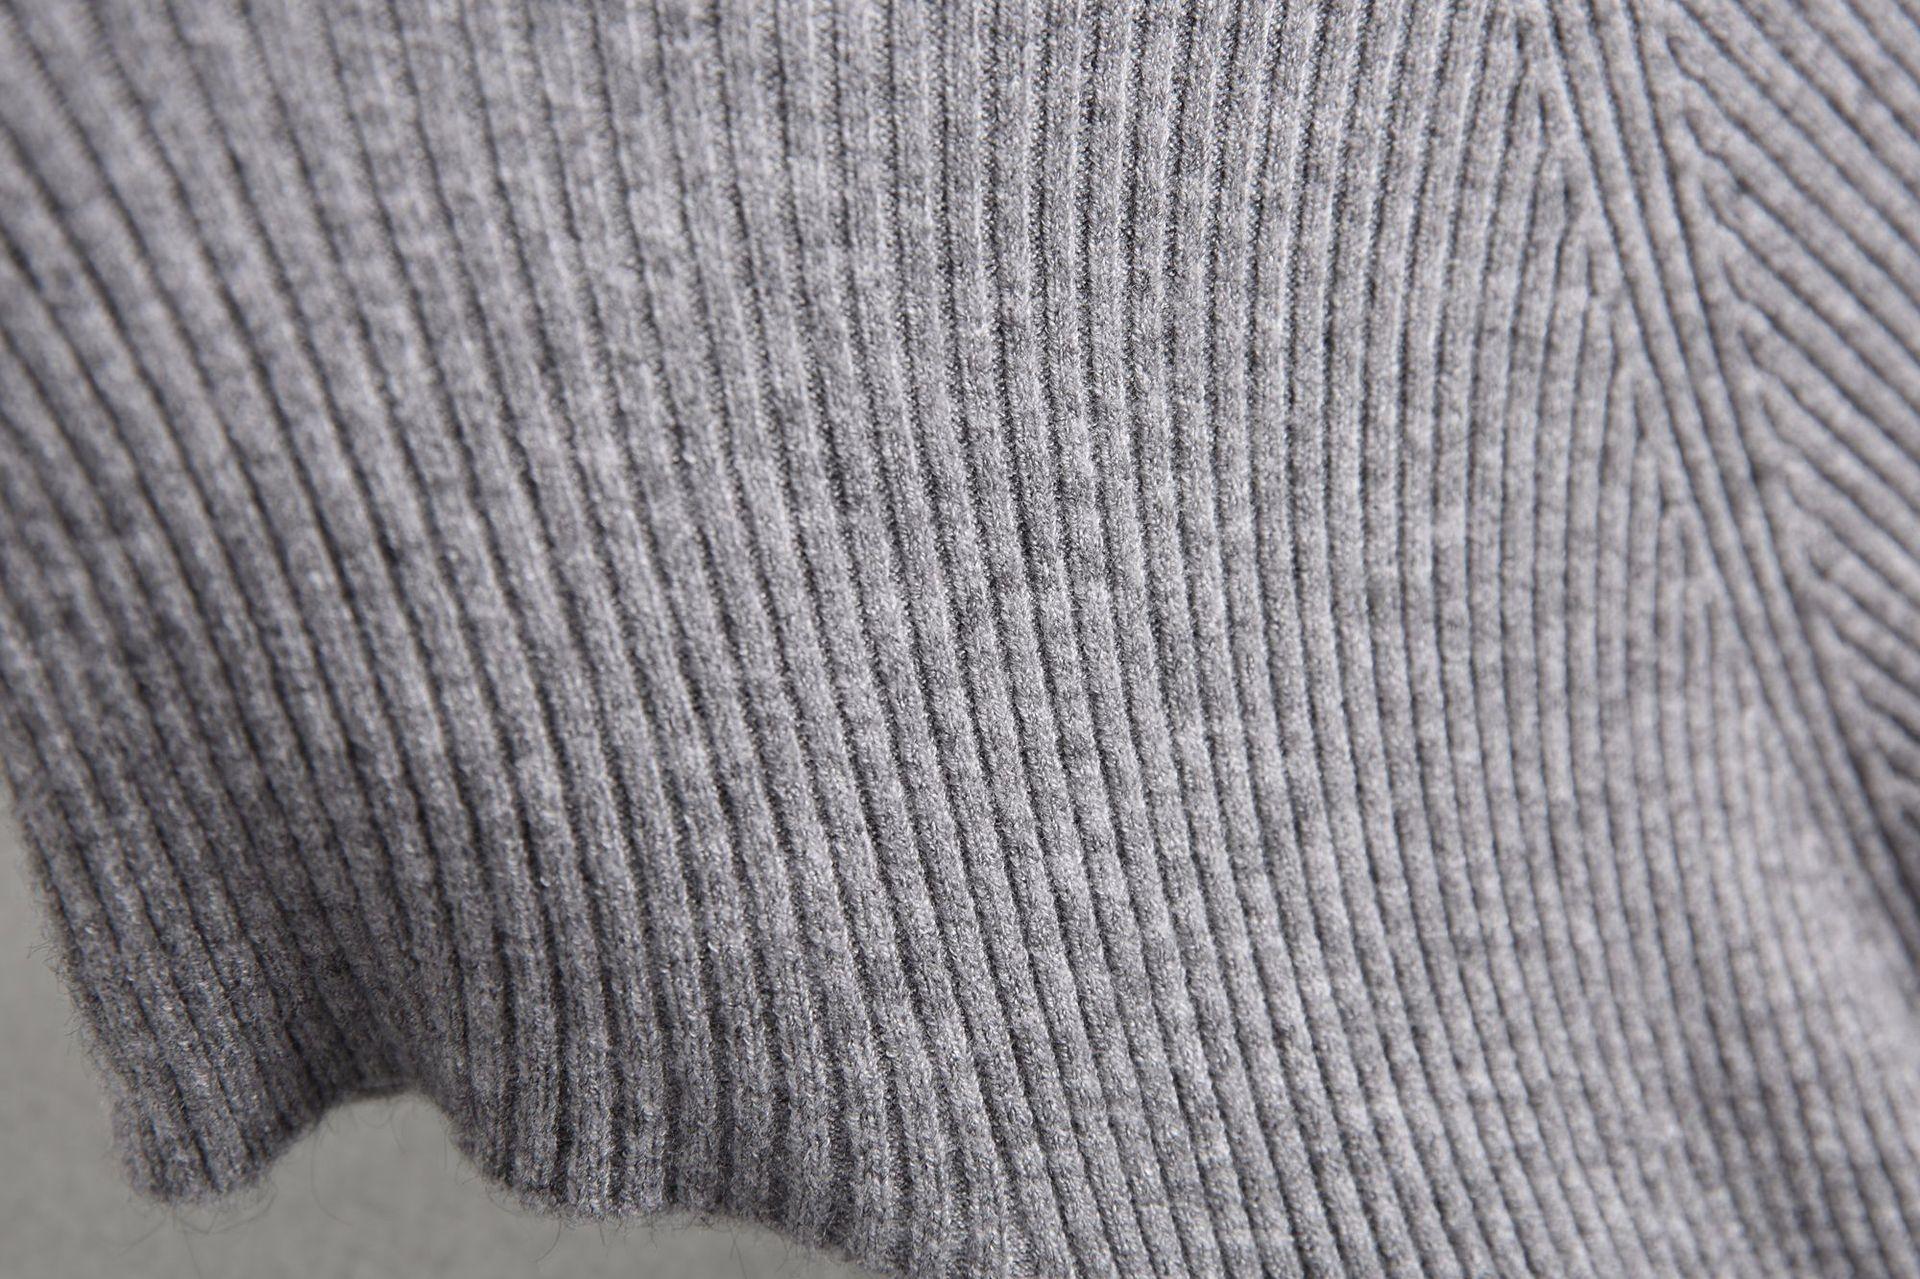 ibijq nuova Jia Zhi 8-625 caduta 2020 senza maniche xCGdq sottile lavorato a maglia lavorata a maglia tutto-fiammifero la maglietta delle donne dei vestiti delle donne maglietta